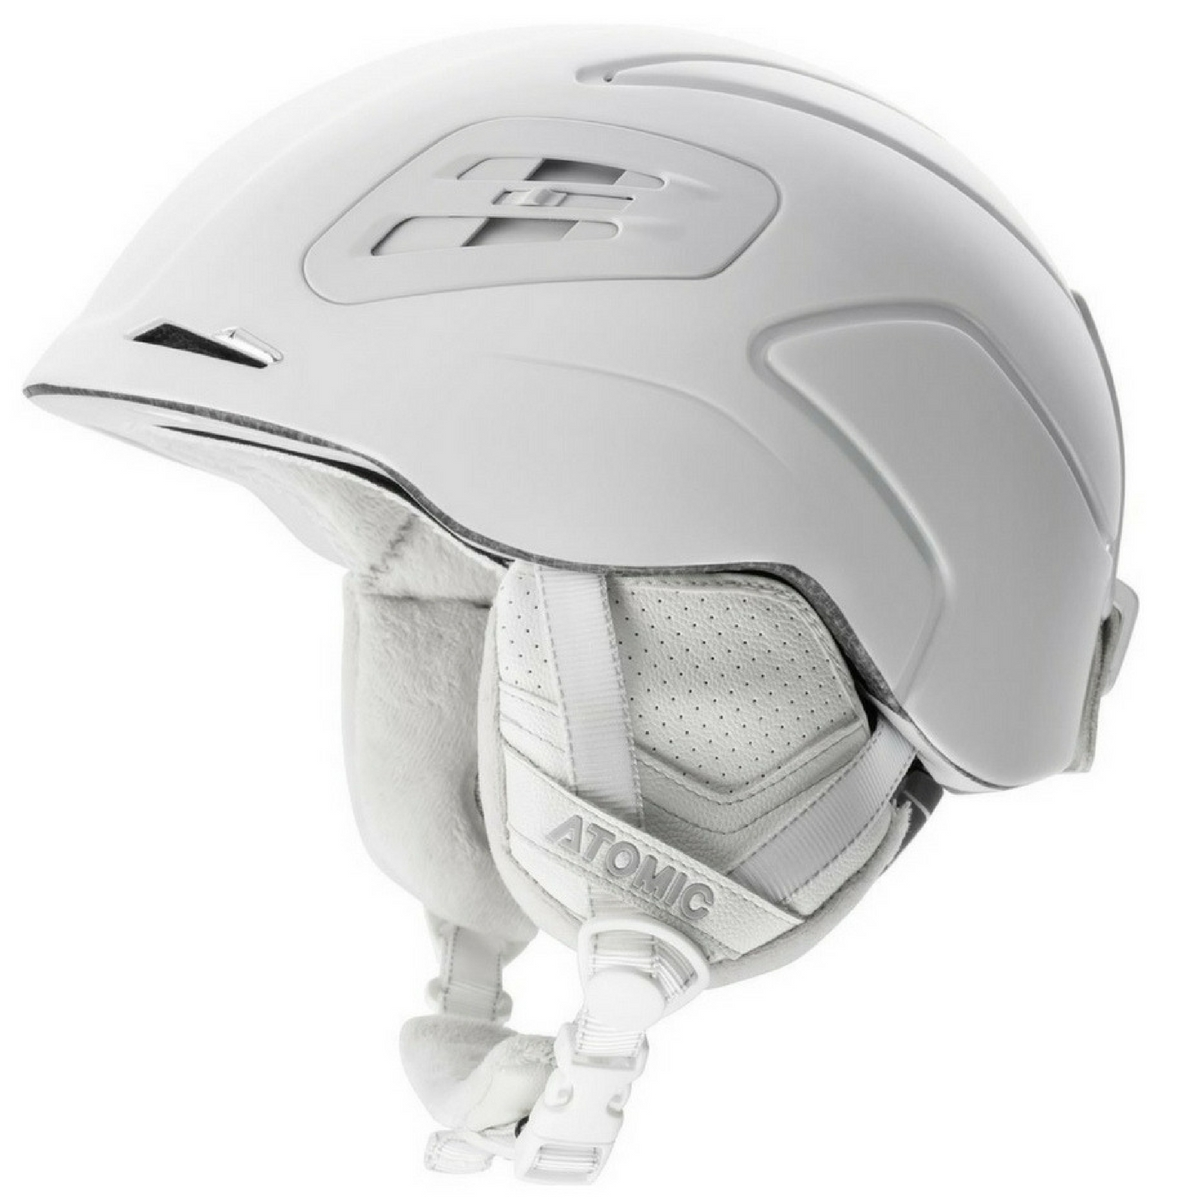 345261da1 Dámska lyžiarska helma Atomic Mentor W White   SKIMAX.SK